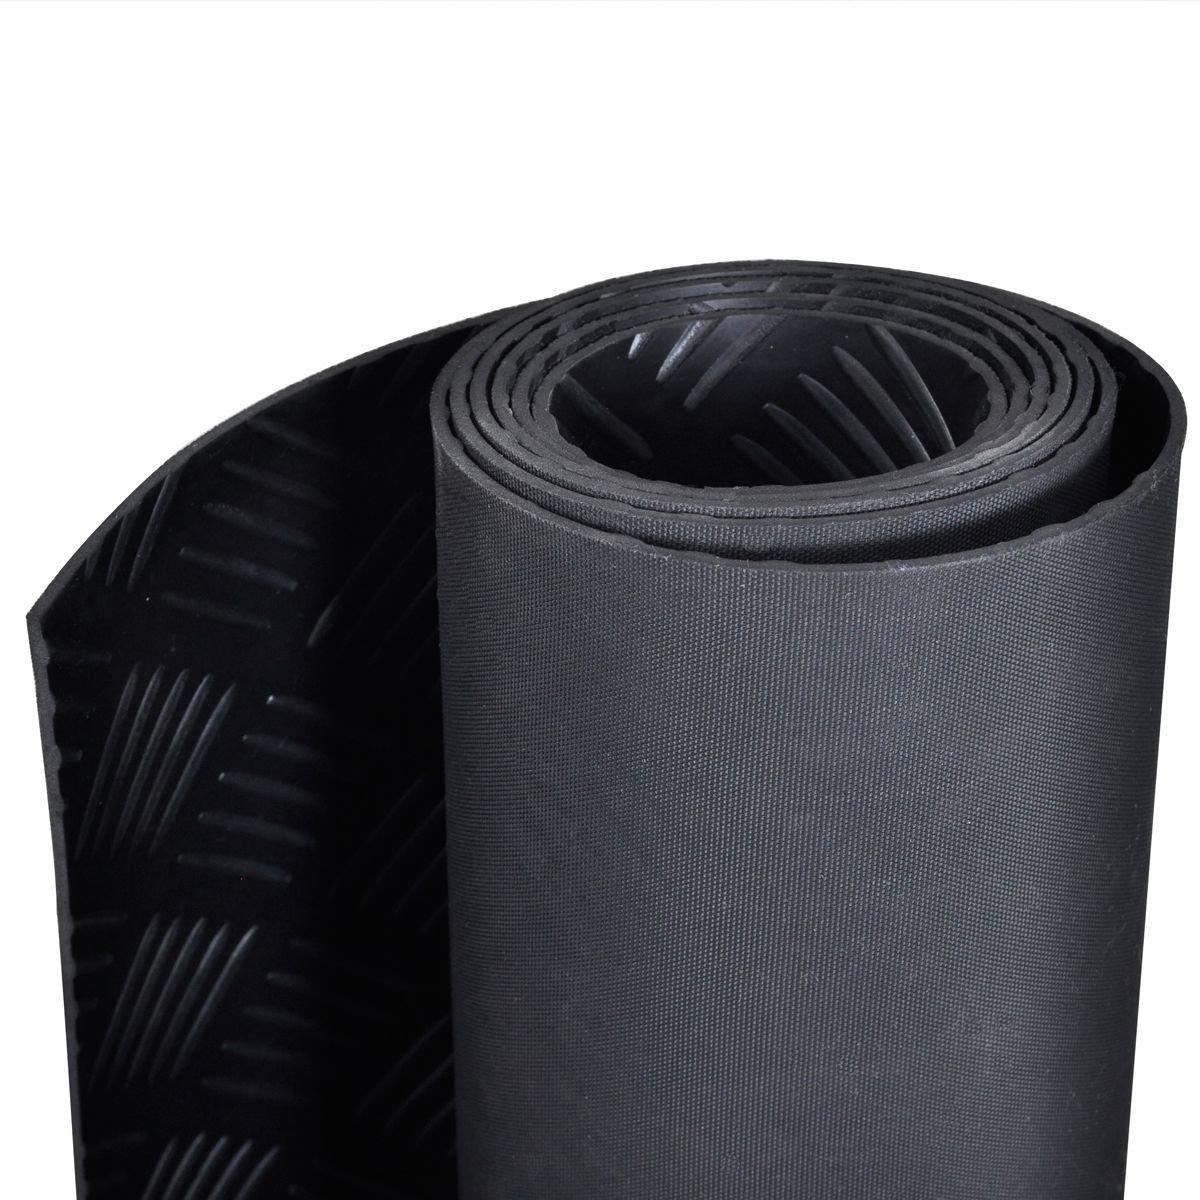 Antirutschmatte Gummimatte Schutzmatte Noppenmatte Bodenmatte mit Noppen Gummil/äufer 120cm Breit 3mm stark Schwarz 200 x 120cm